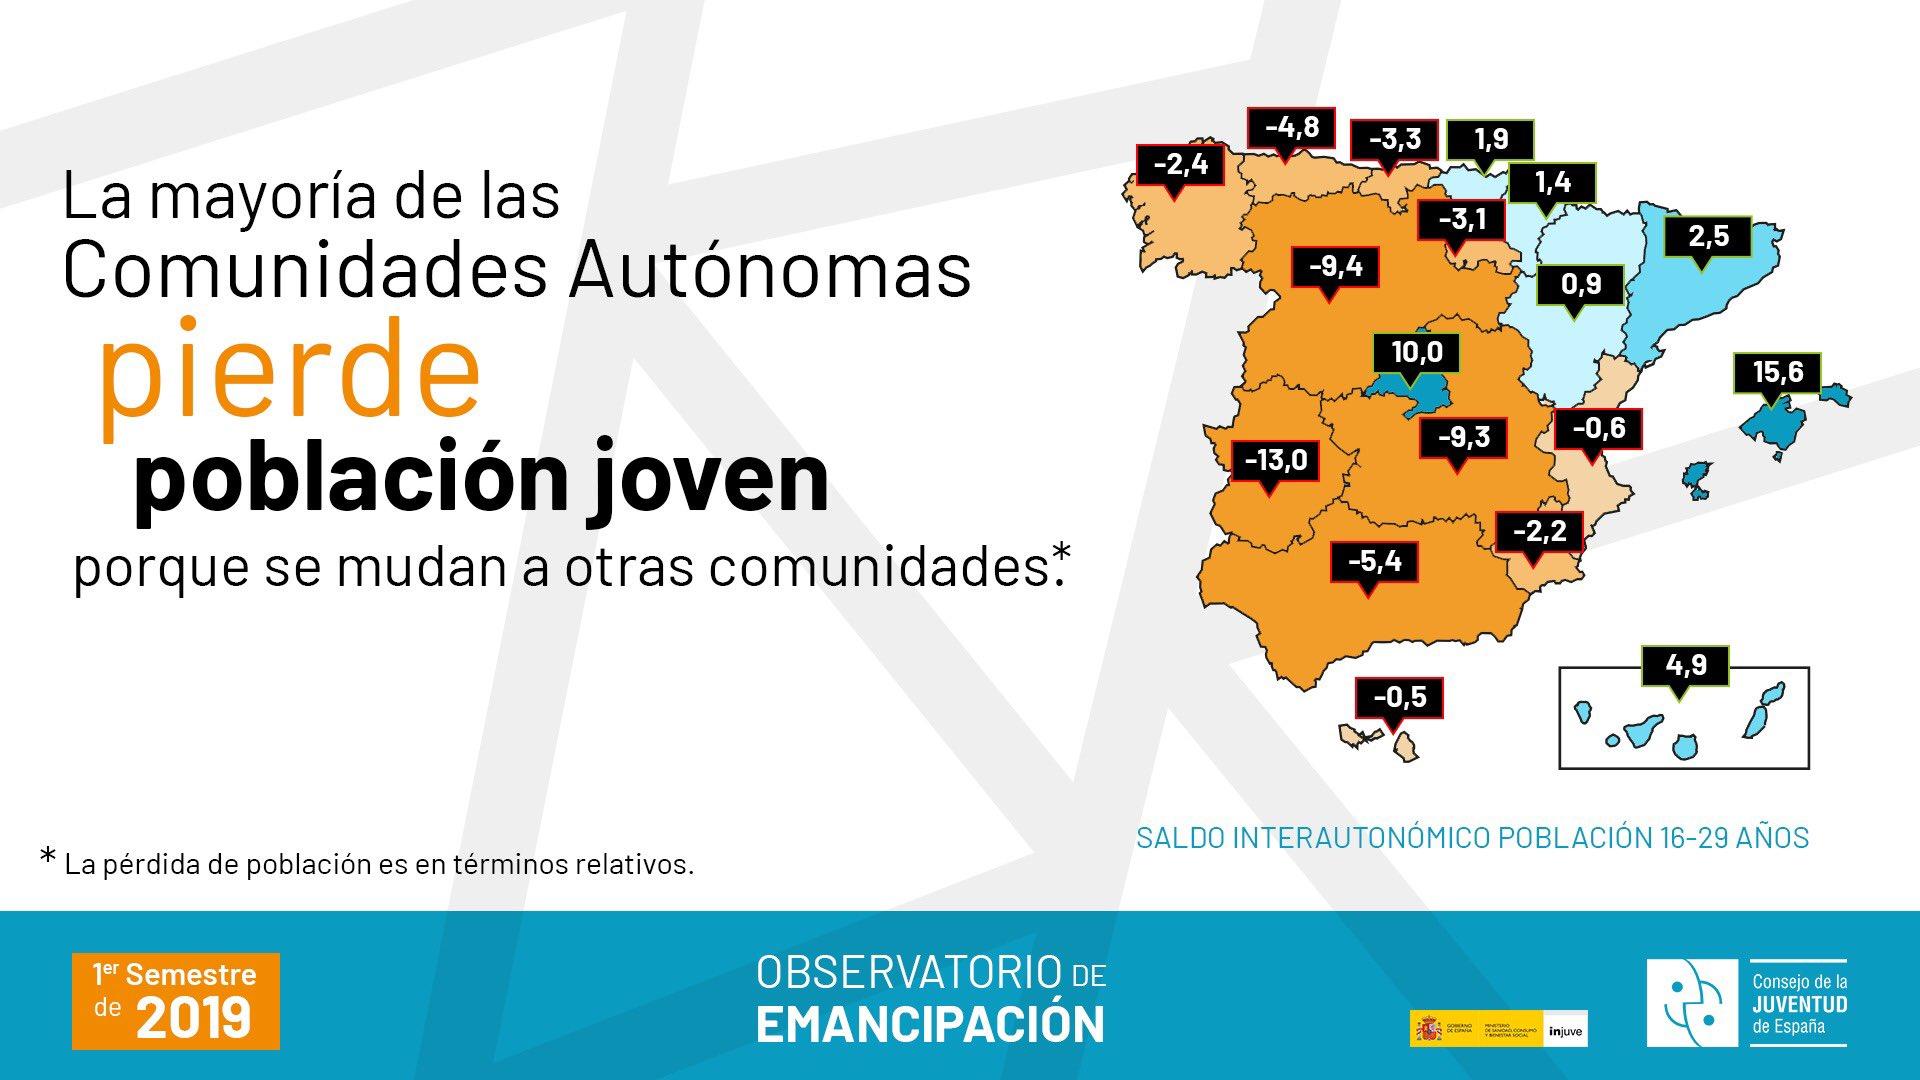 Pérdida de población en términos relativos - Informe OBJOVEM del Consejo de la Juventud de España